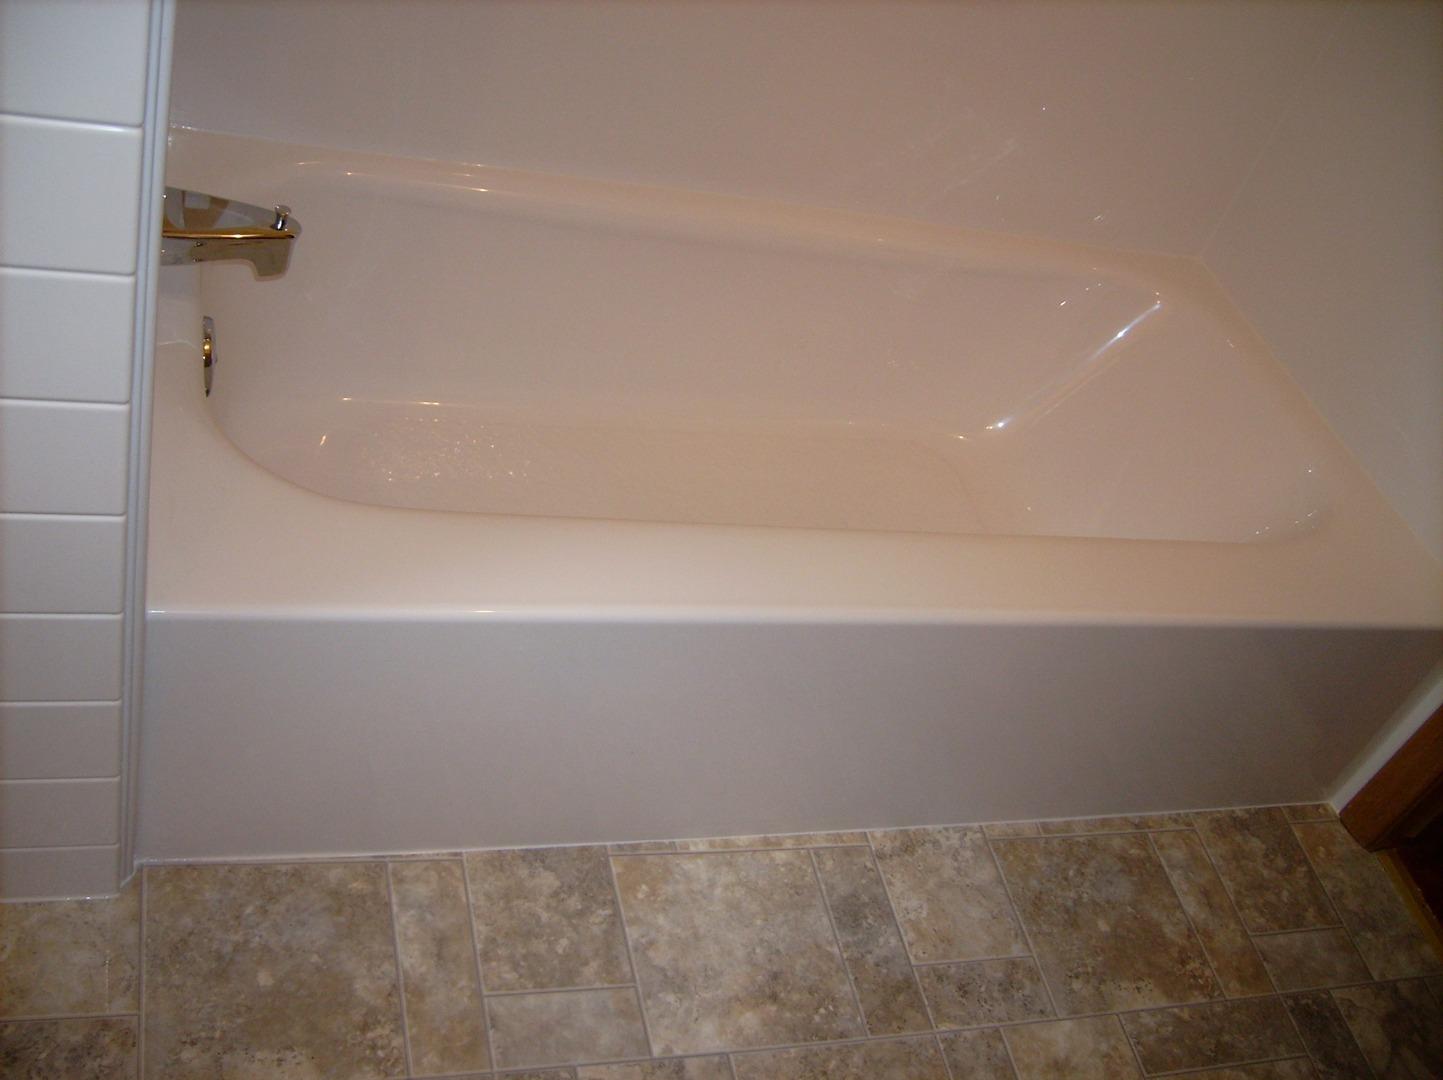 Acrylic Bathtub, Wall and Shower Liners Walk-thru tub inserts